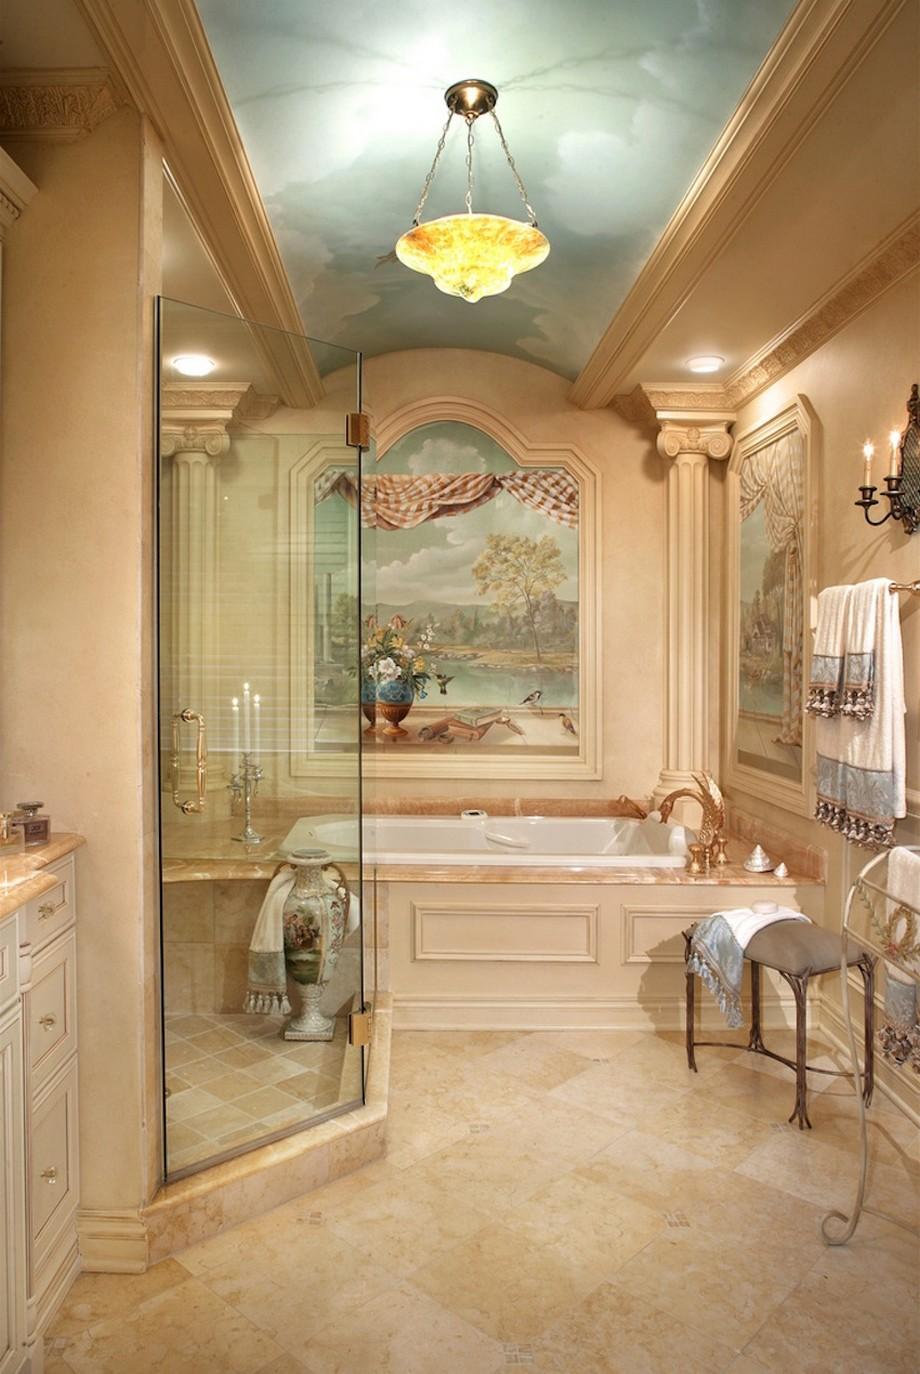 Ideas para Decorar: Cinco lujosas ideas para el cuarto de baño ideas para decorar Ideas para Decorar: Cinco lujosas ideas para el cuarto de baño 50 Magnificent Luxury Master Bathroom Ideas 4